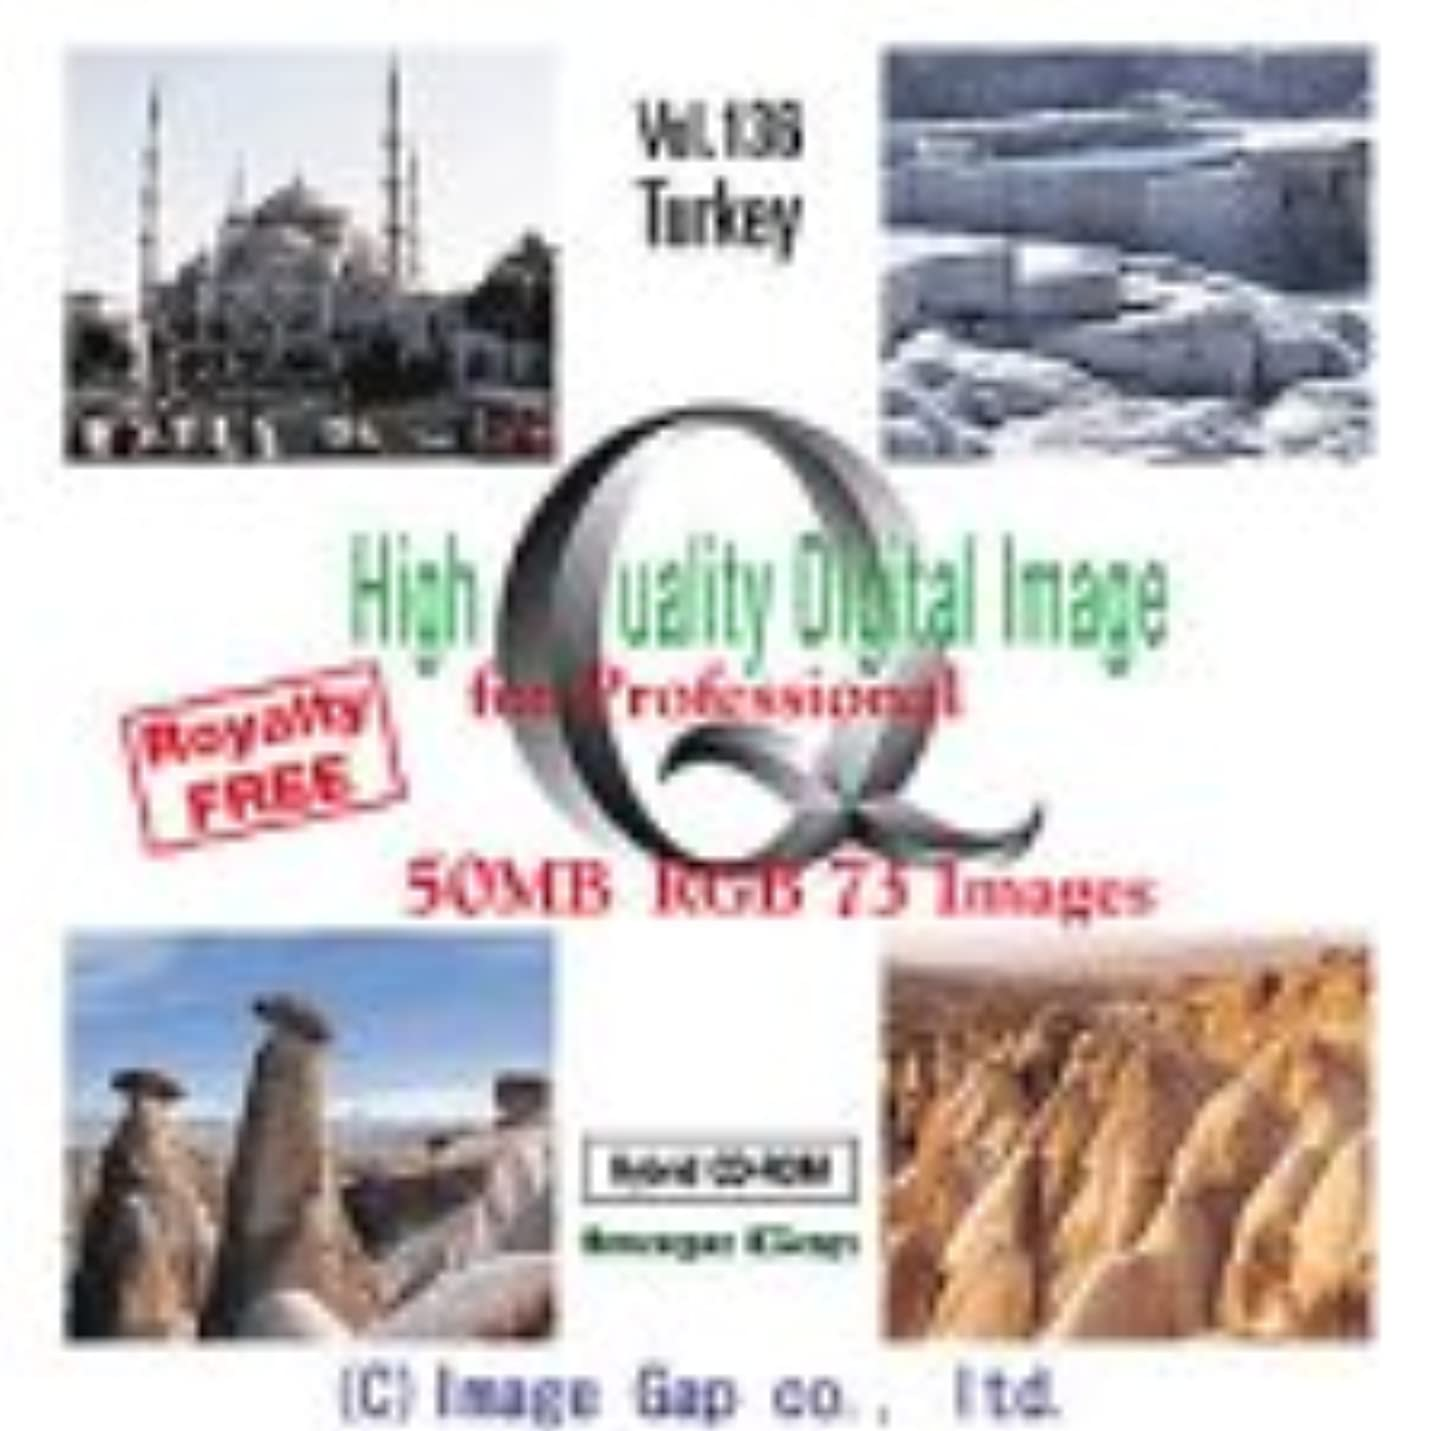 寄付アンドリューハリディ真似るHigh Quality Digital Image Turkey